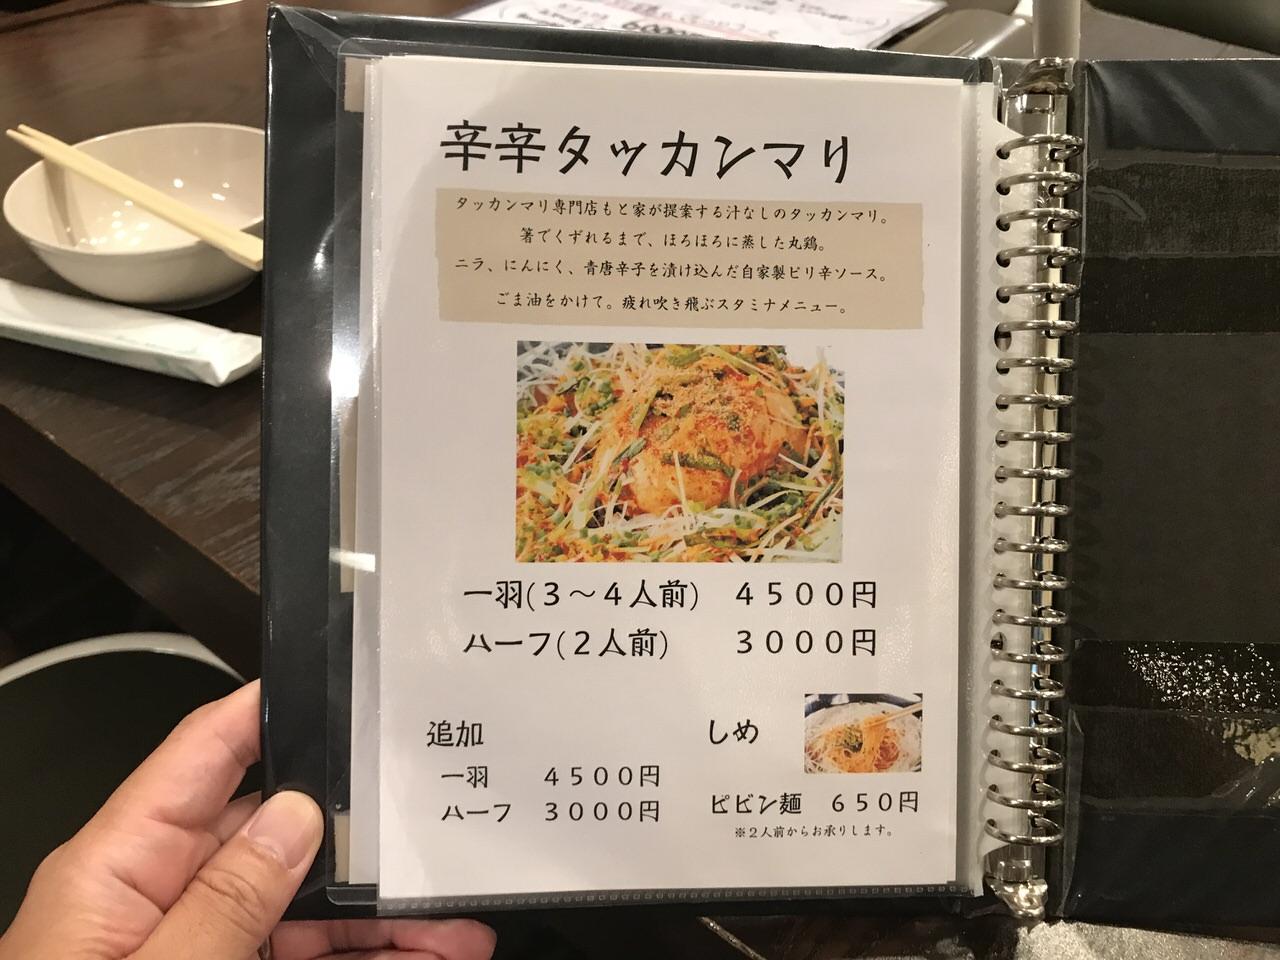 Motoya ueno 5505